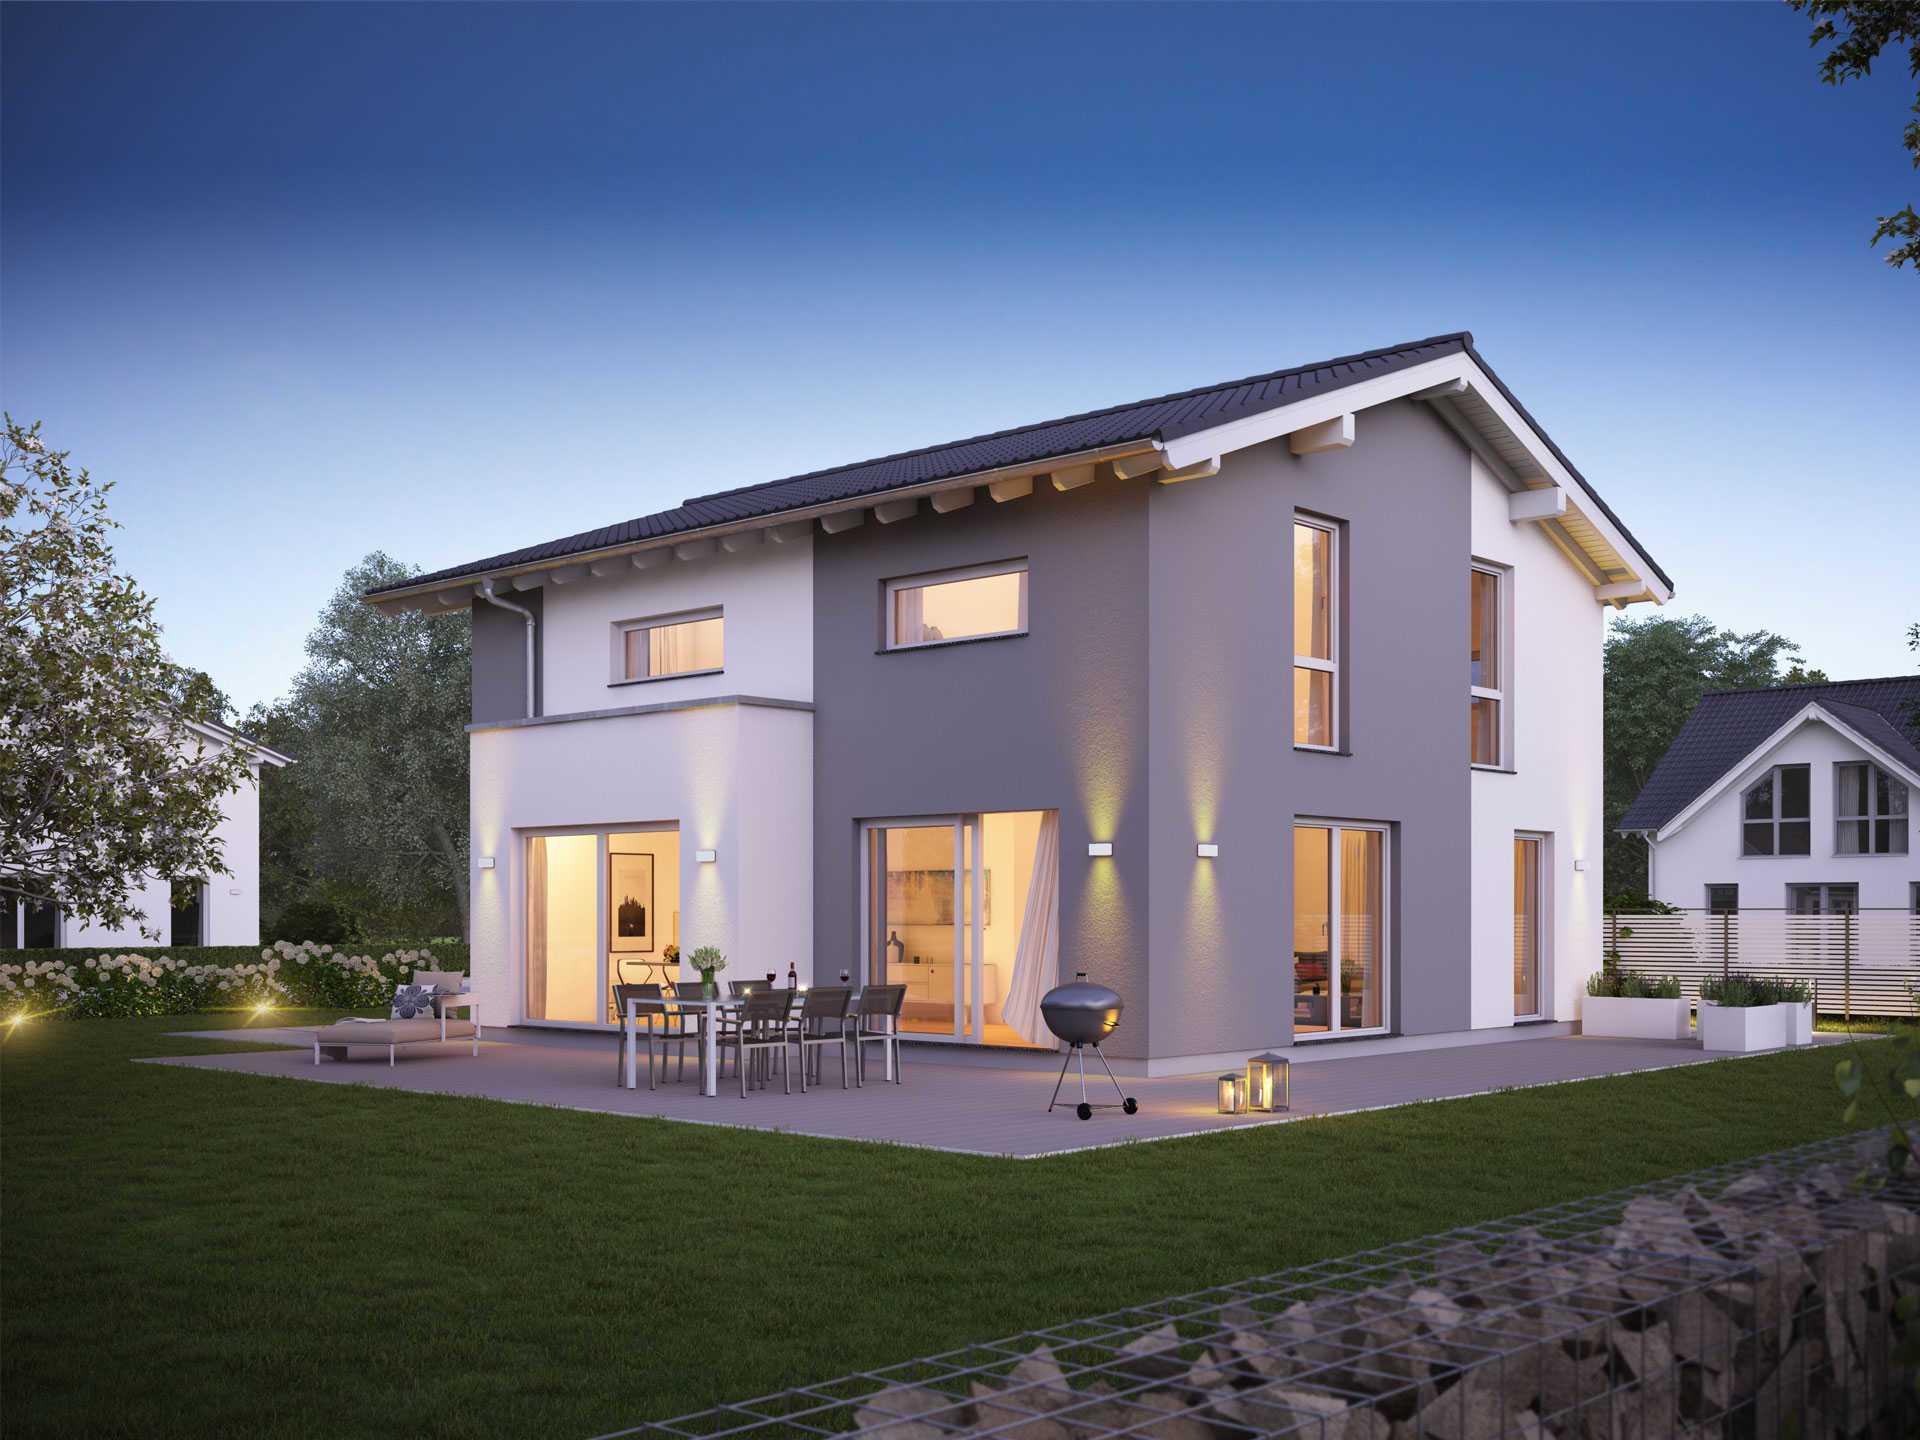 Familienhaus Vero - Kern-Haus | Musterhaus.net